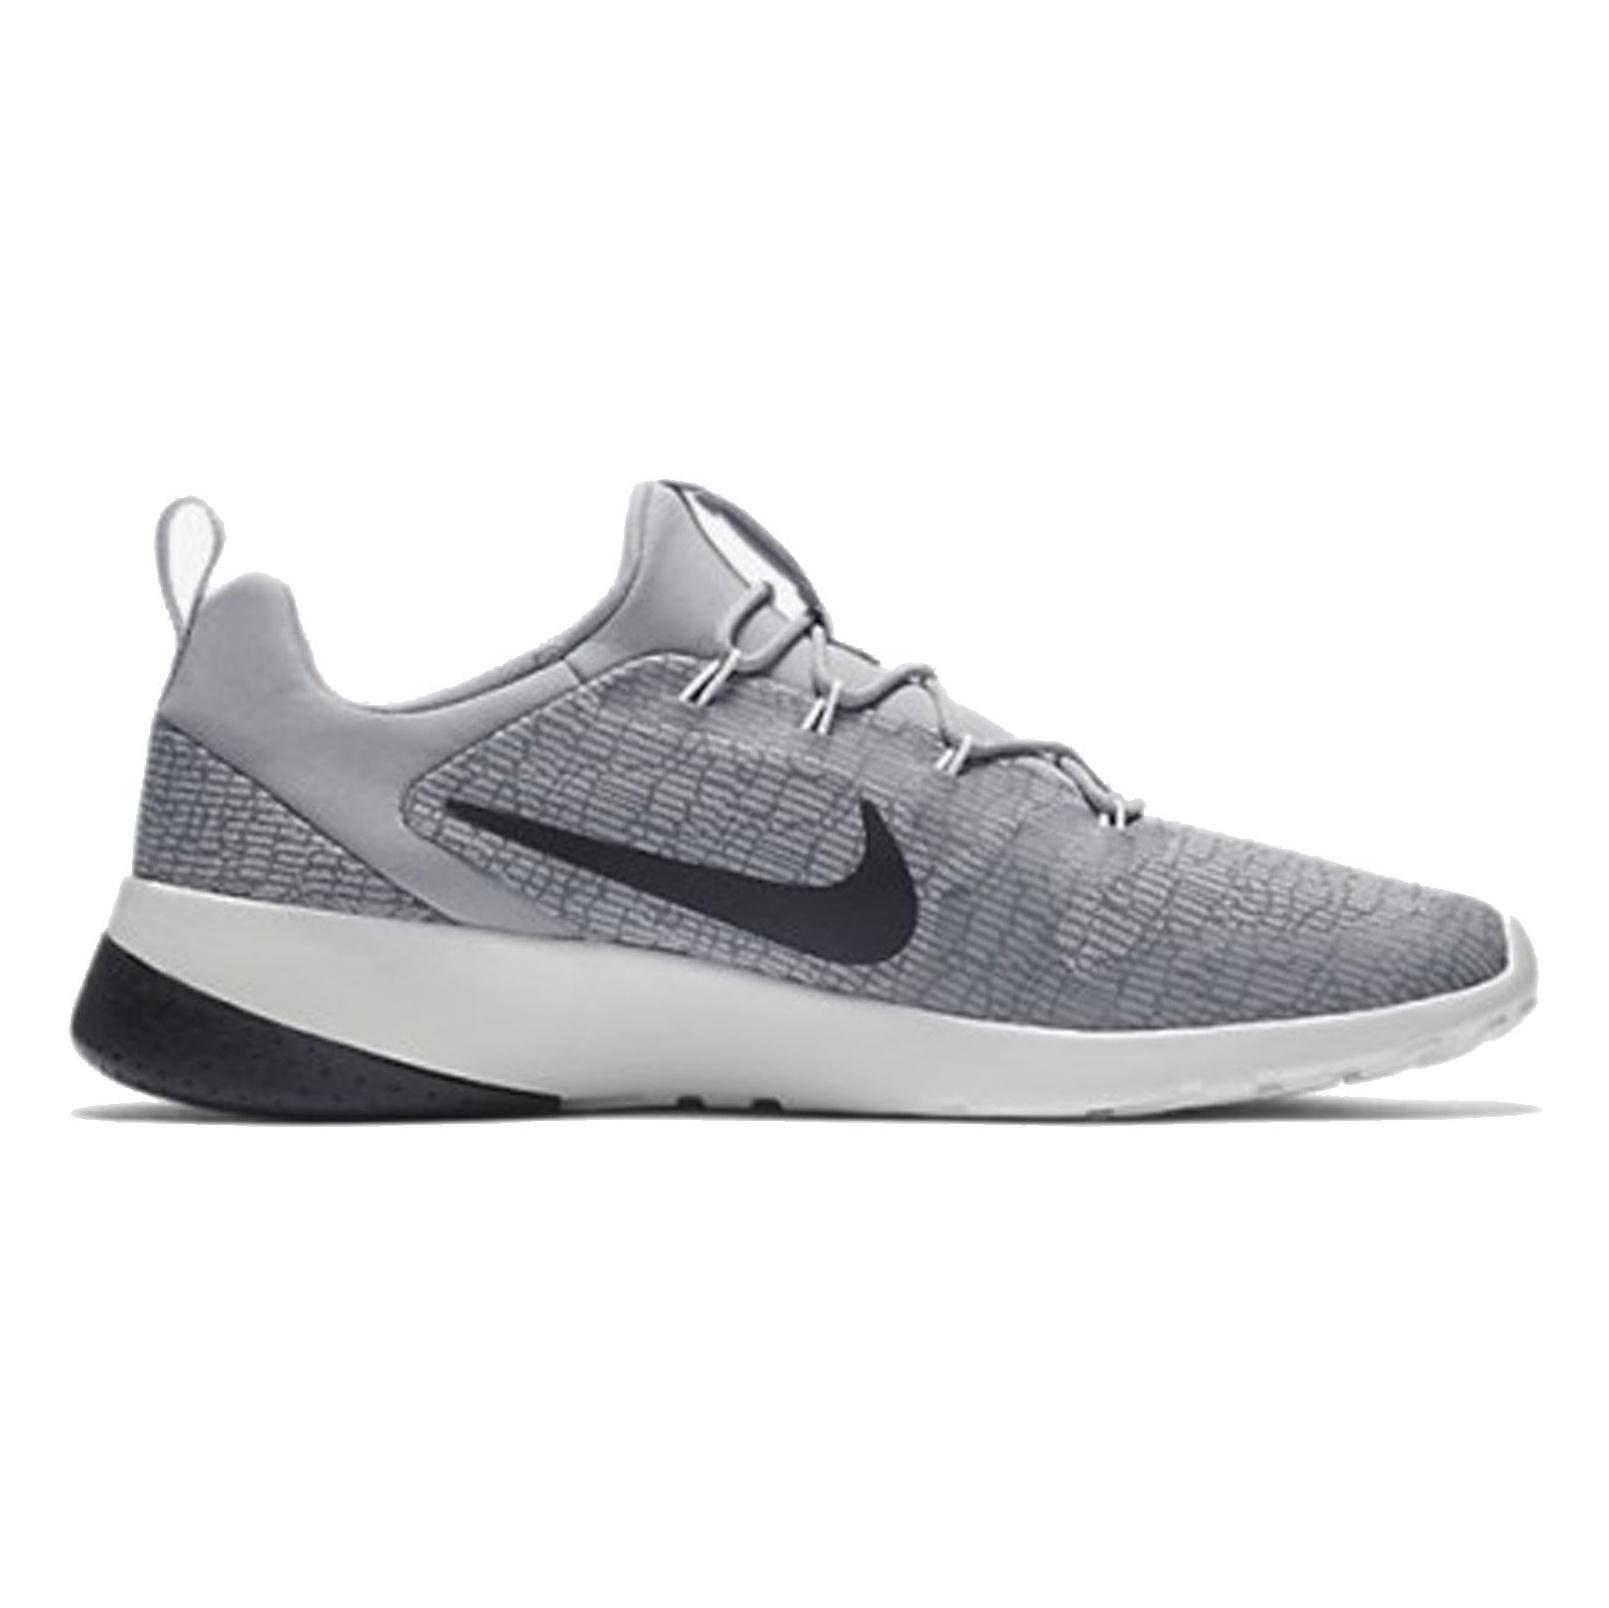 کفش ورزشی بندی دویدن مردانه Ck Racer - نایکی - طوسي روشن - 1